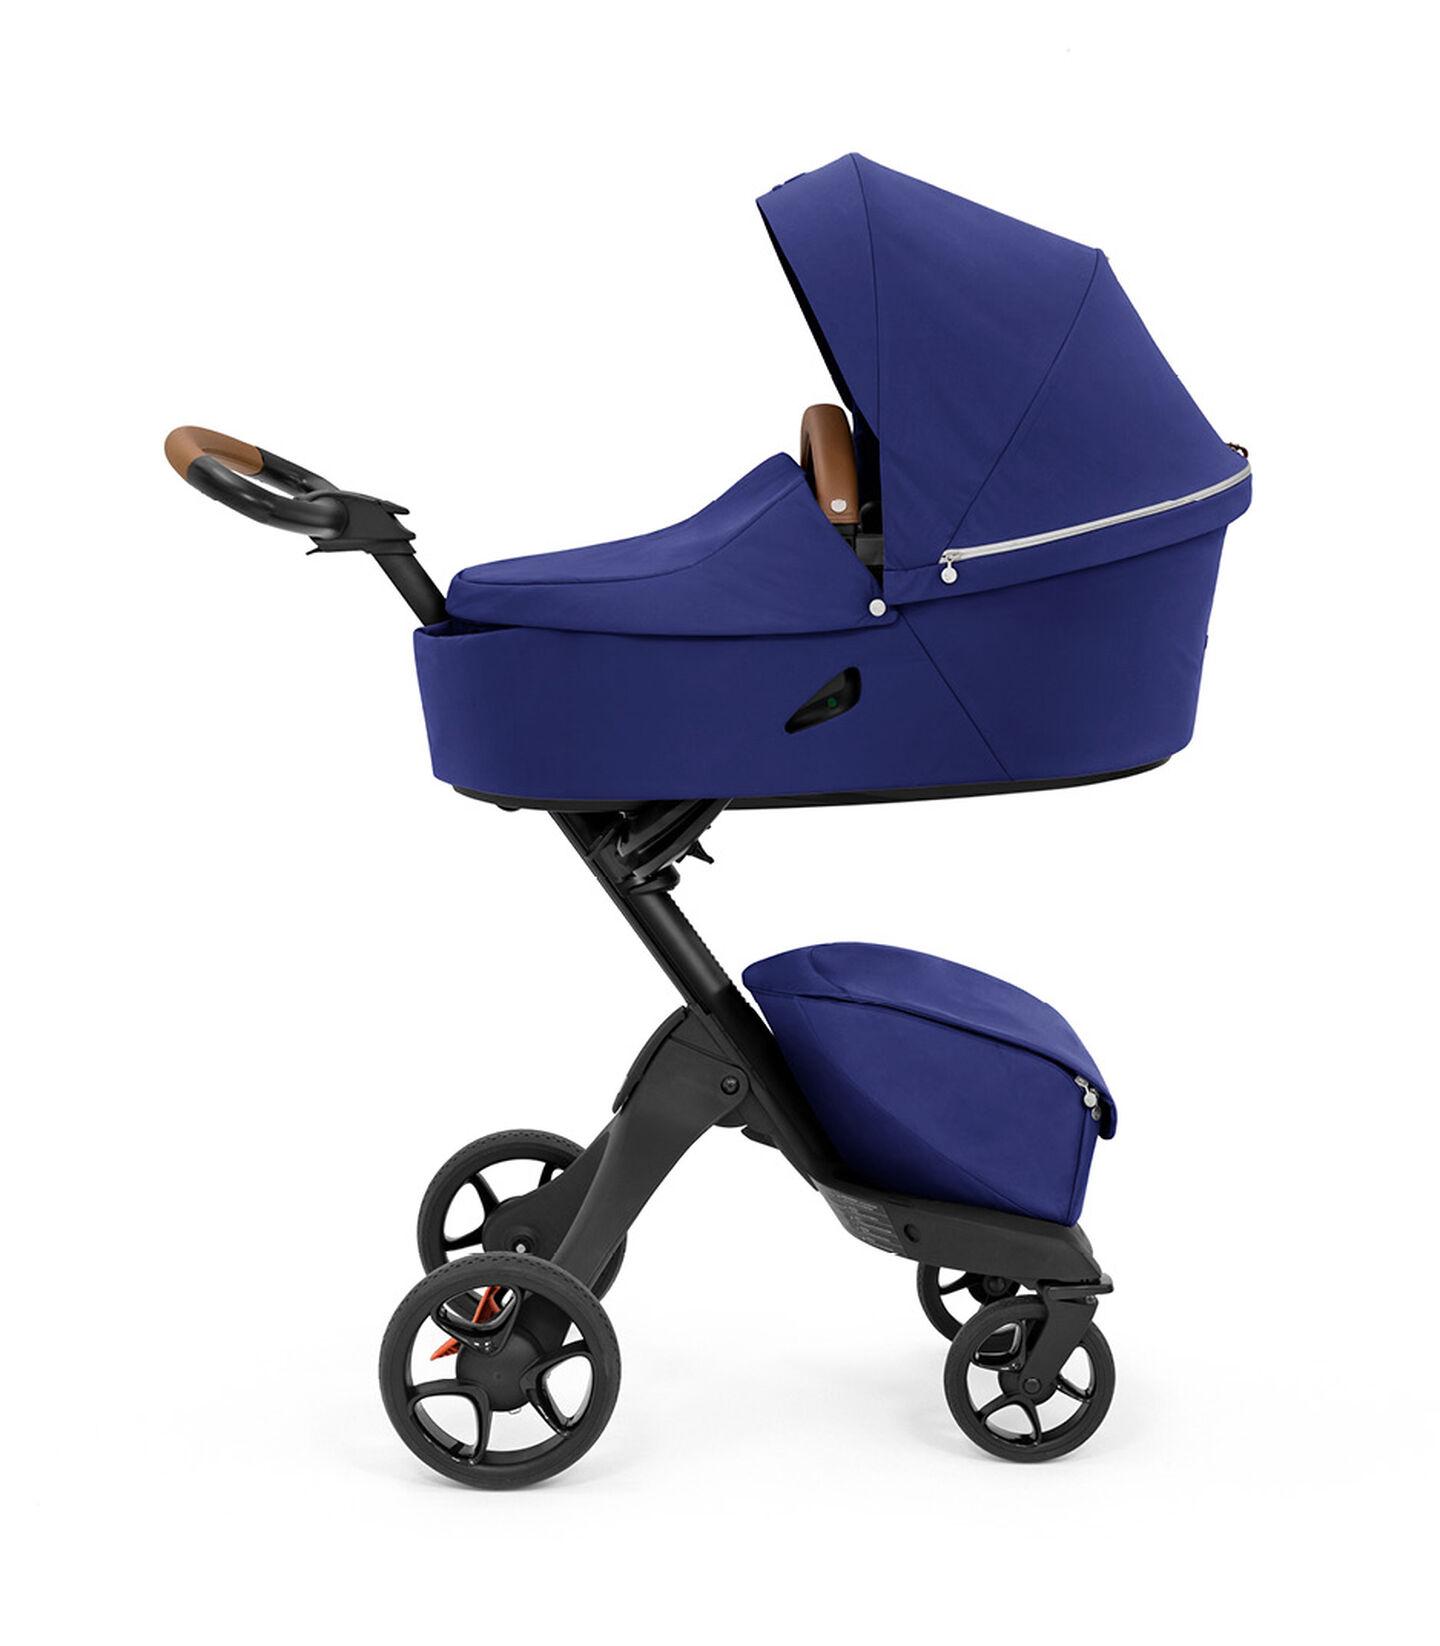 Gondola Stokke® Xplory® X Królewski niebieski, Królewski niebieski, mainview view 2